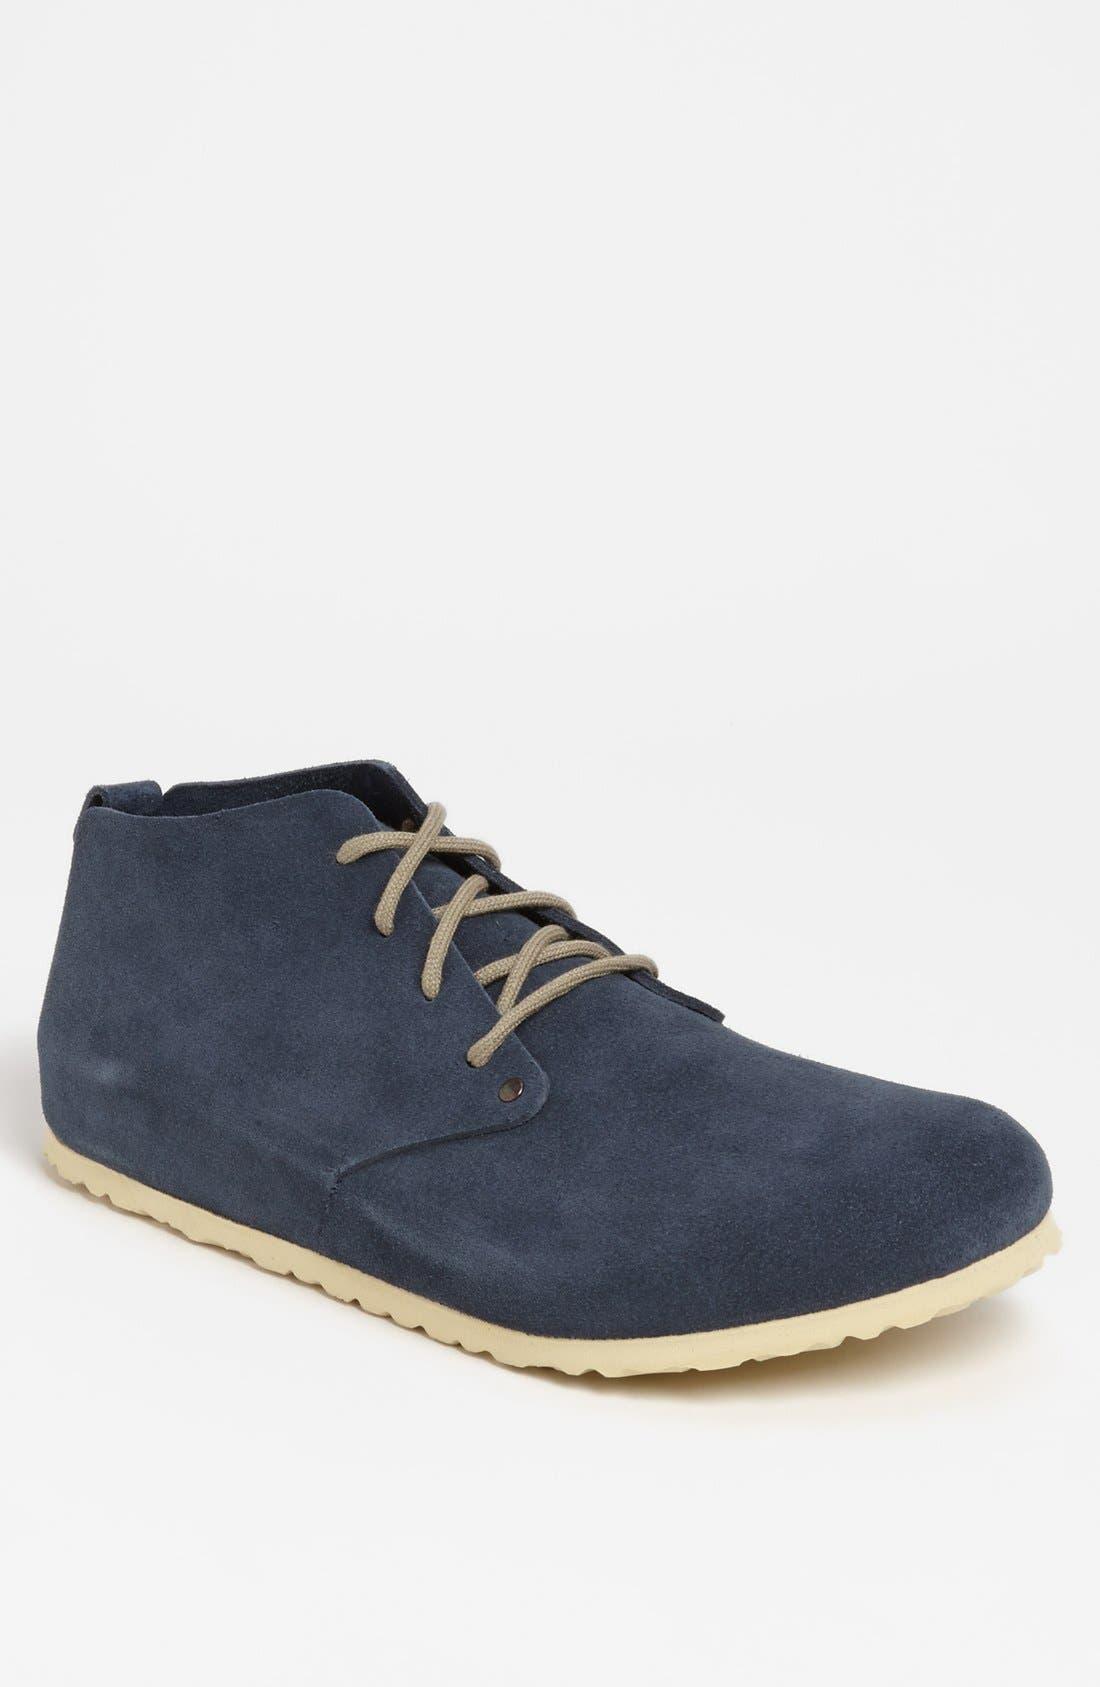 Main Image - Birkenstock 'Dundee' Chukka Boot (Men)